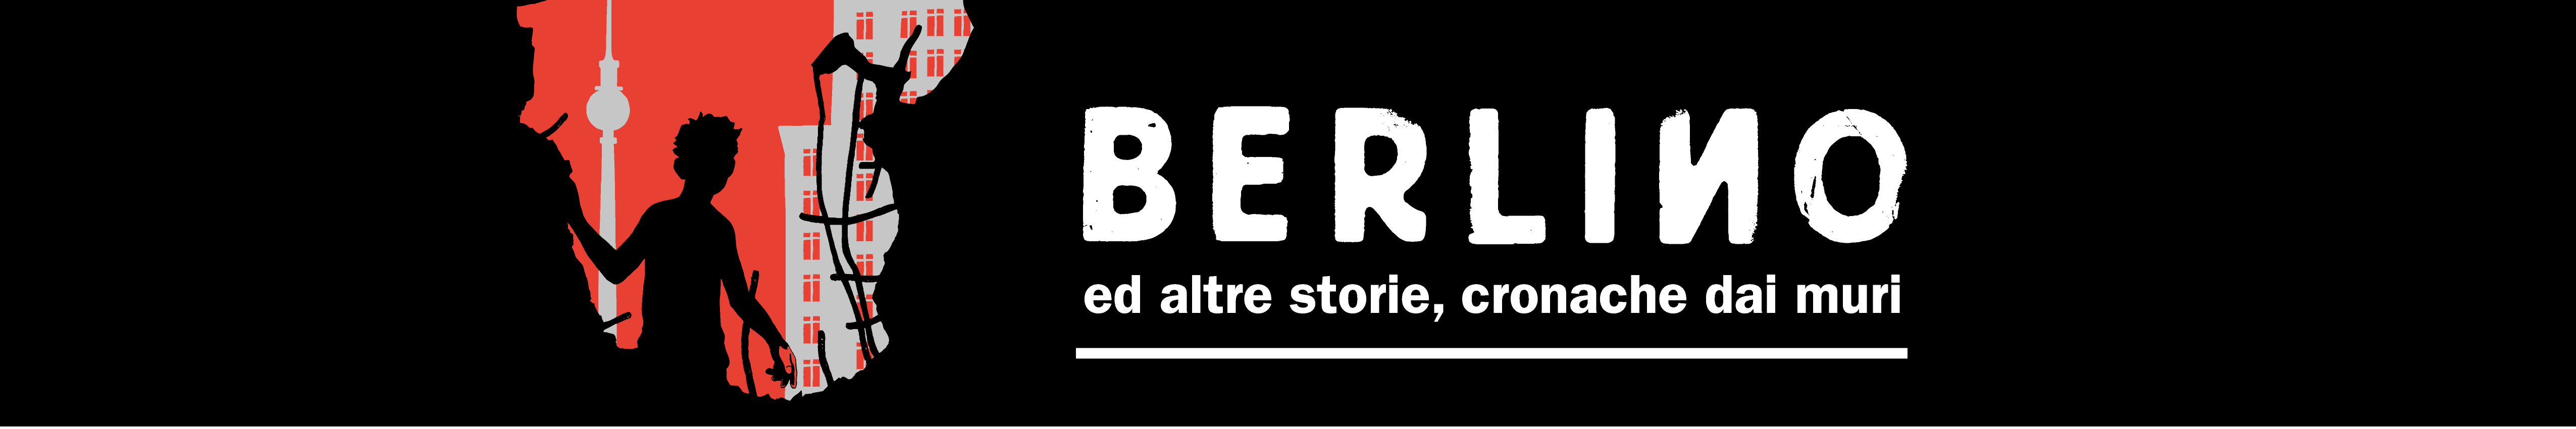 Berlino e altre storie